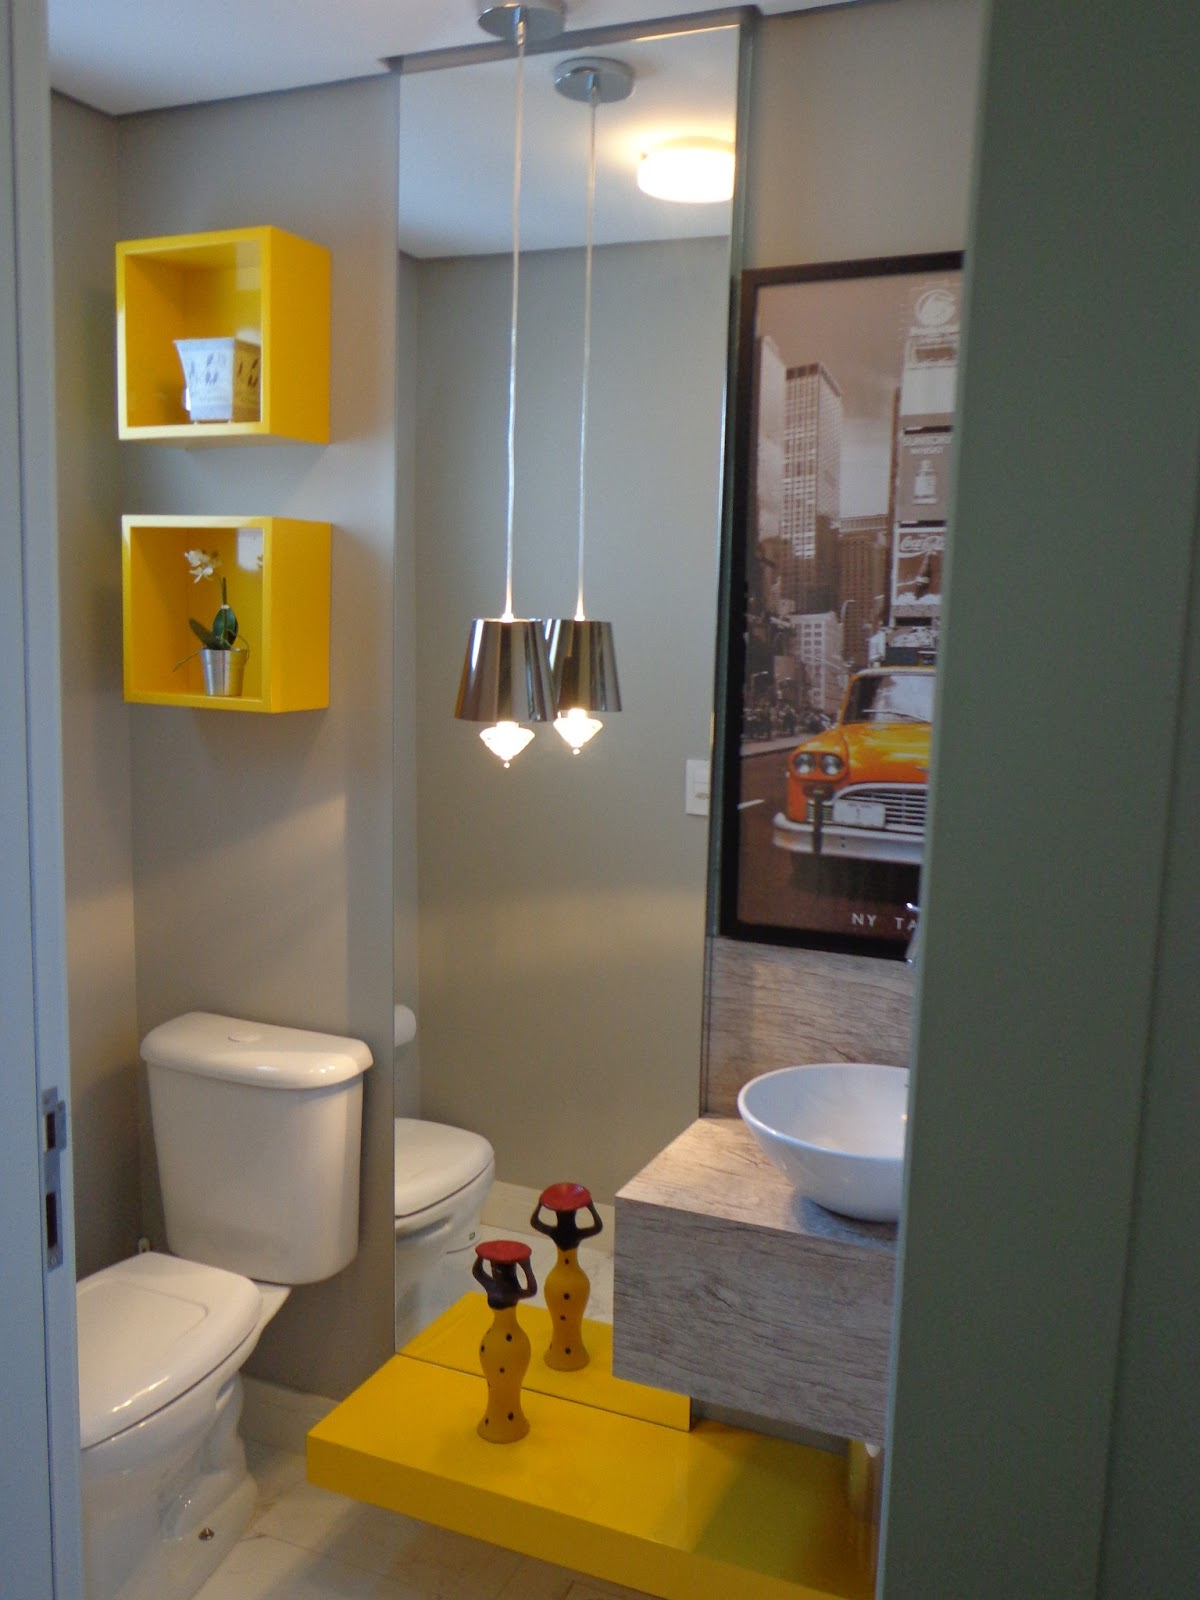 Noivos em Apuros: Sweet Home: Amarelo seu lindo #3 Banheiro #BA8604 1200x1600 Banheiro Com Detalhes Em Amarelo